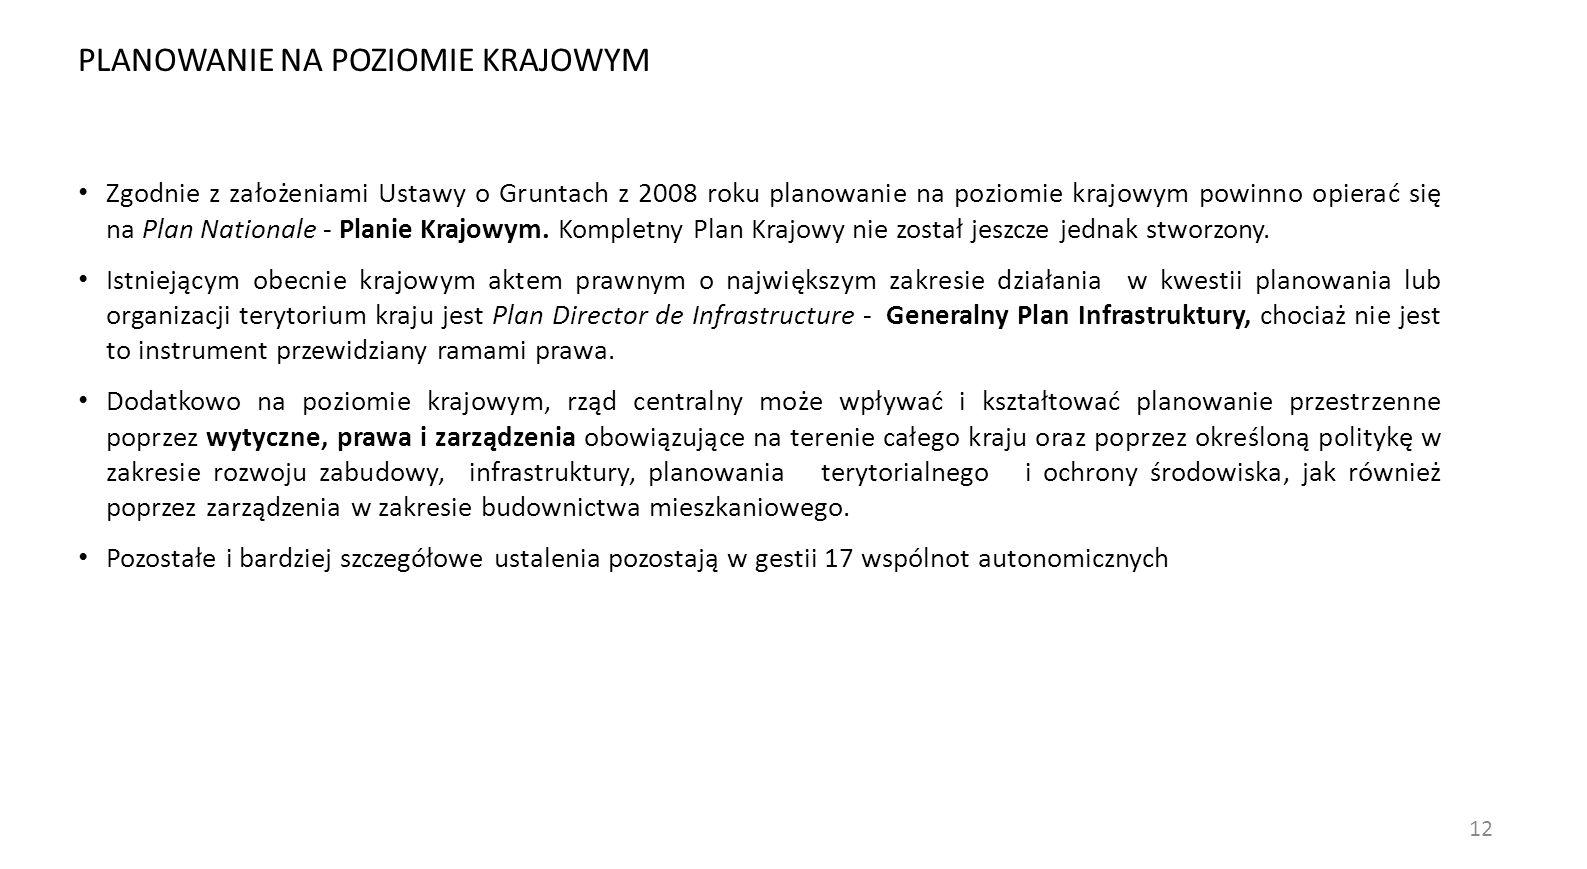 12 Zgodnie z założeniami Ustawy o Gruntach z 2008 roku planowanie na poziomie krajowym powinno opierać się na Plan Nationale - Planie Krajowym.